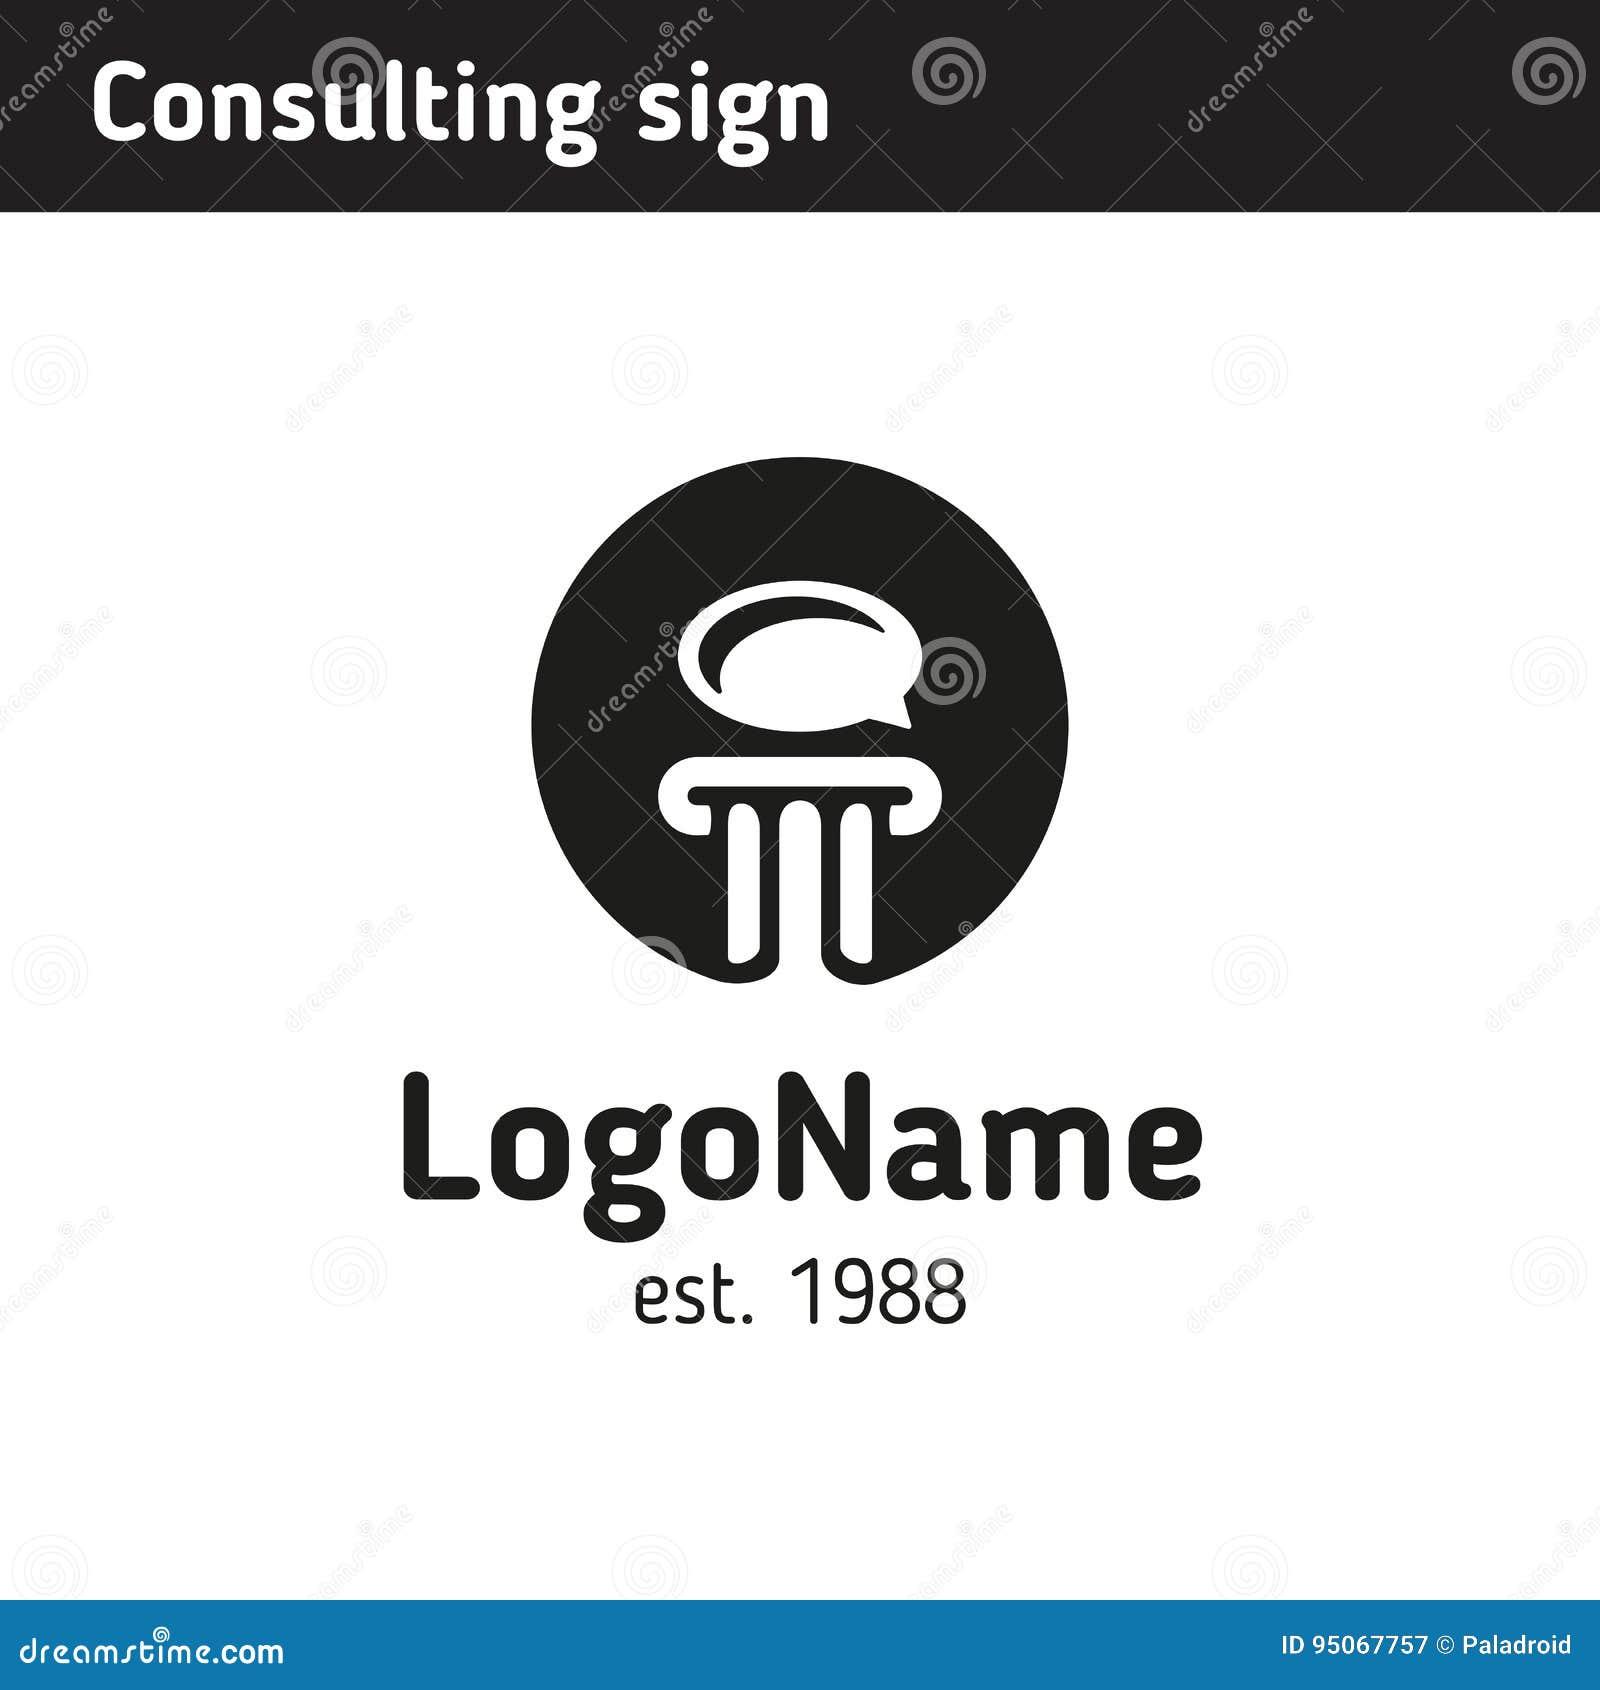 Logo för en konsultföretag